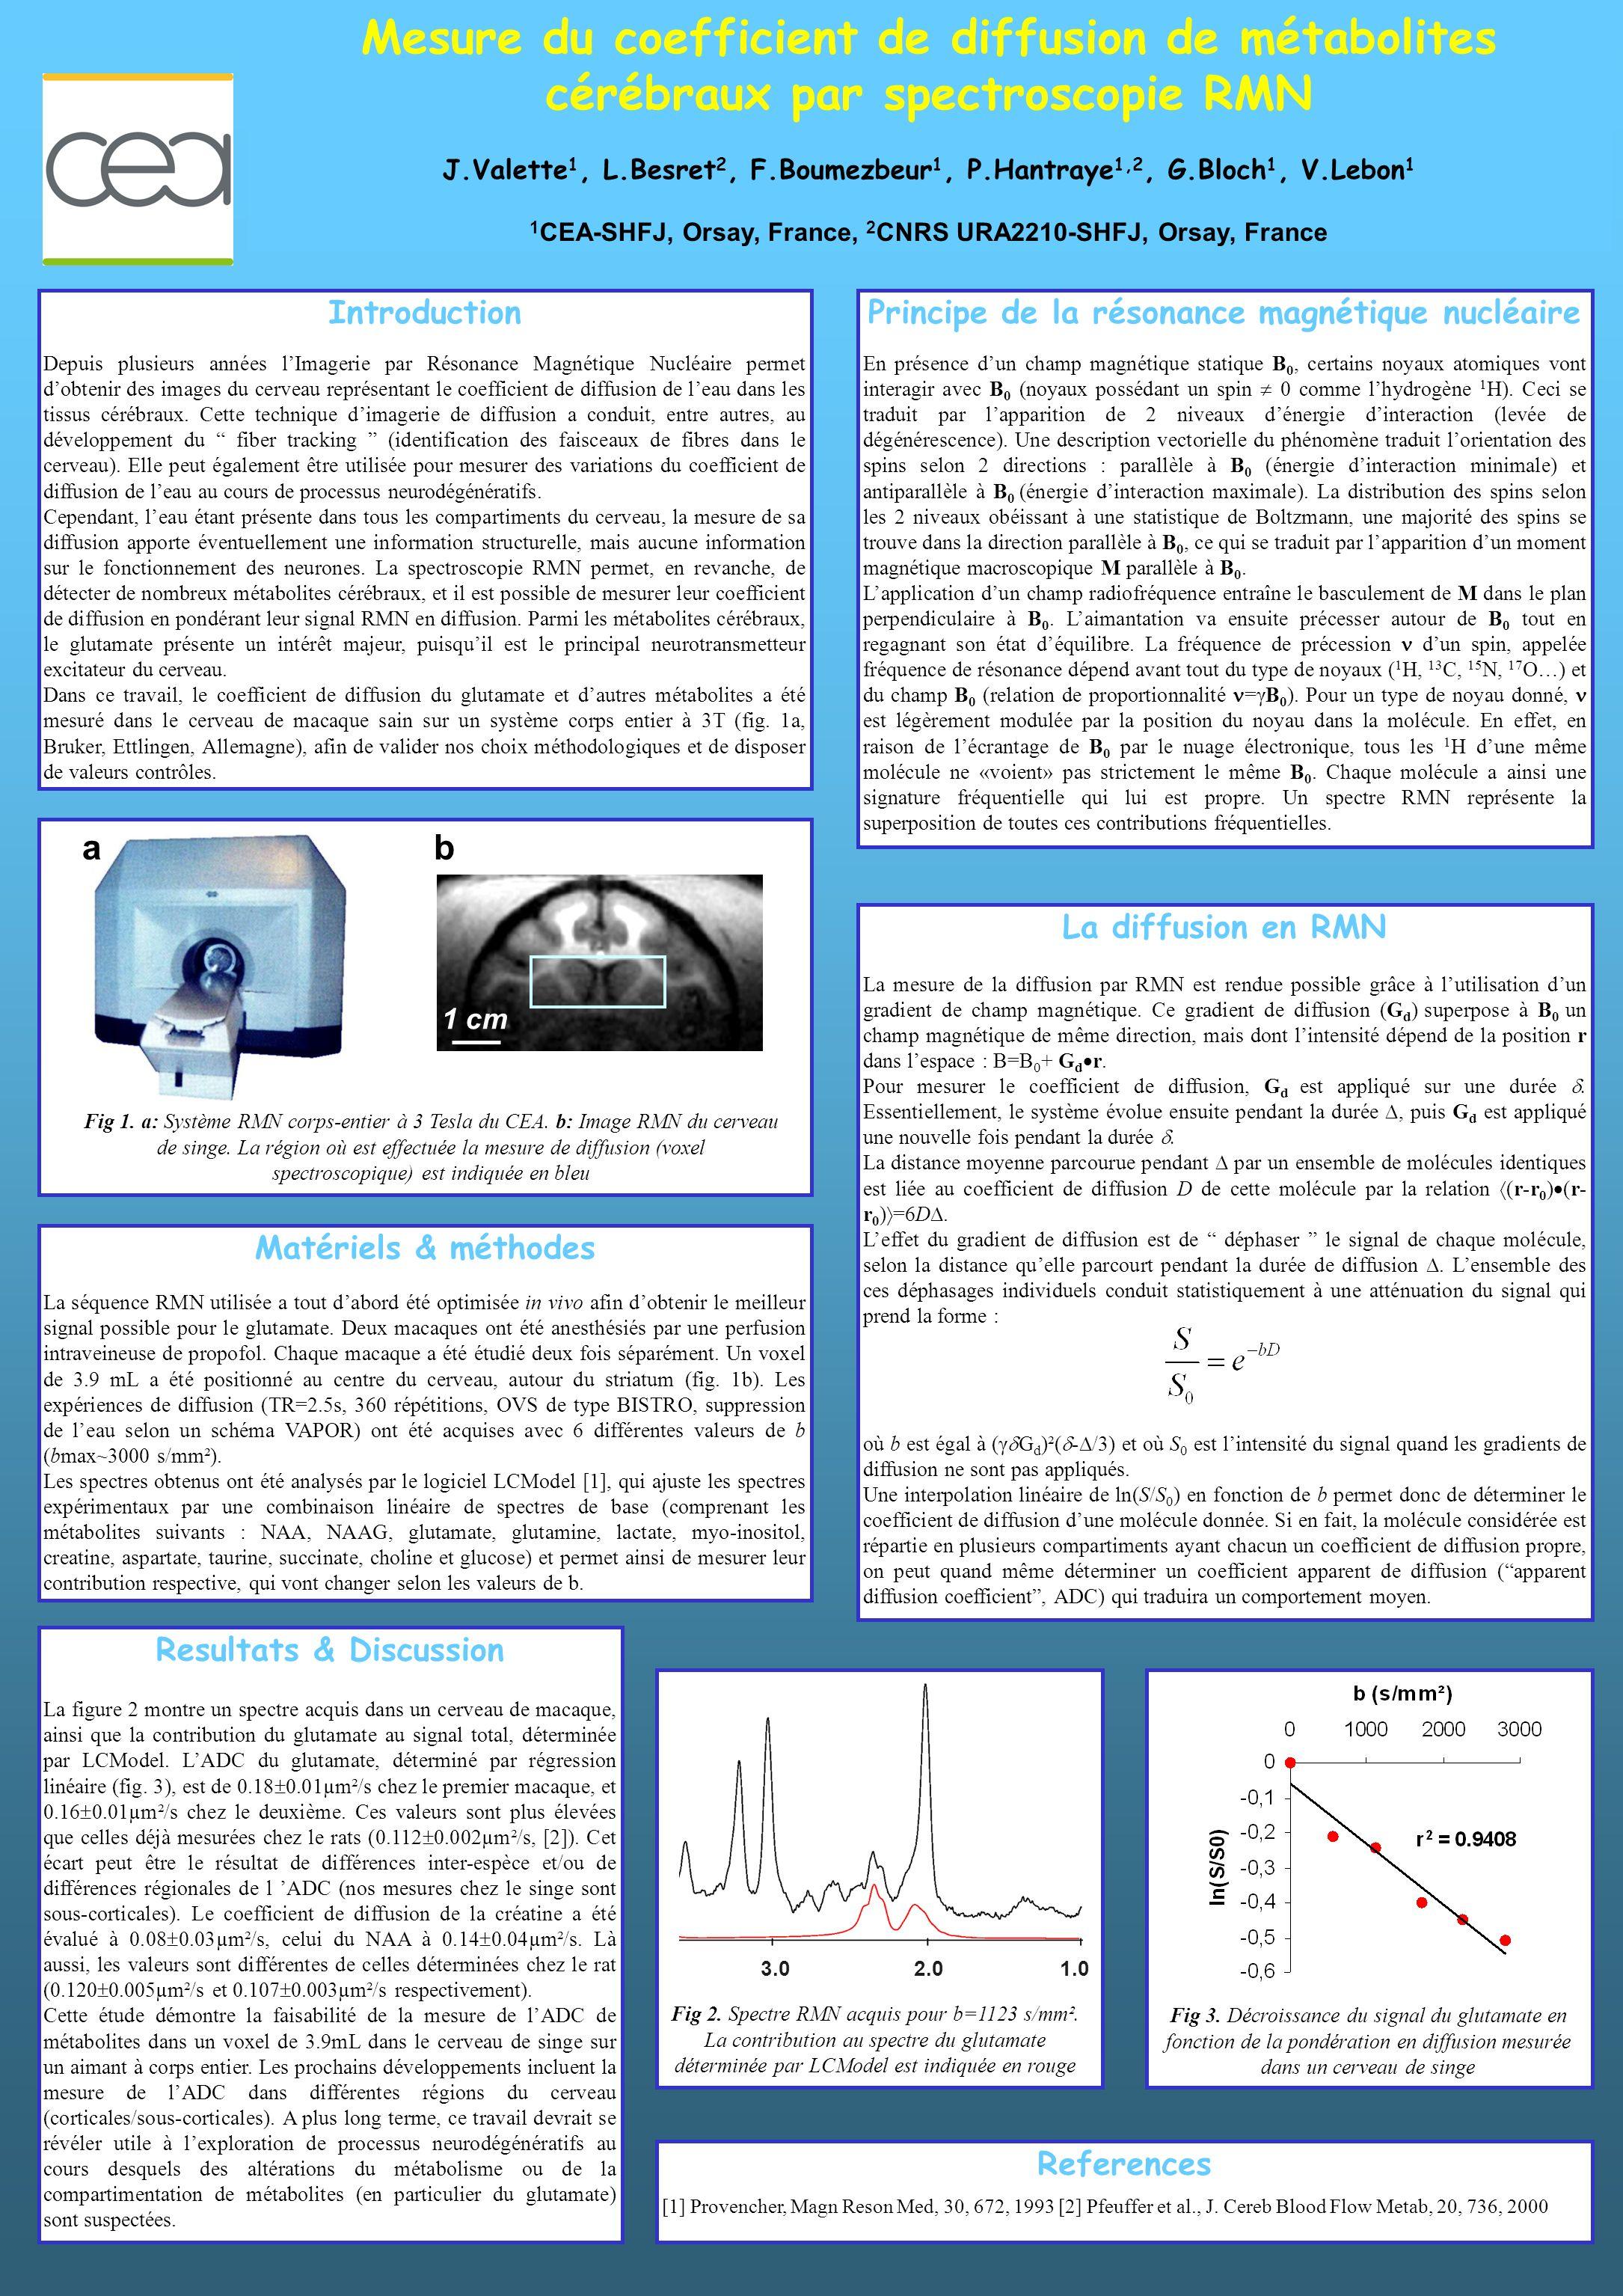 La diffusion en RMN La mesure de la diffusion par RMN est rendue possible grâce à lutilisation dun gradient de champ magnétique. Ce gradient de diffus